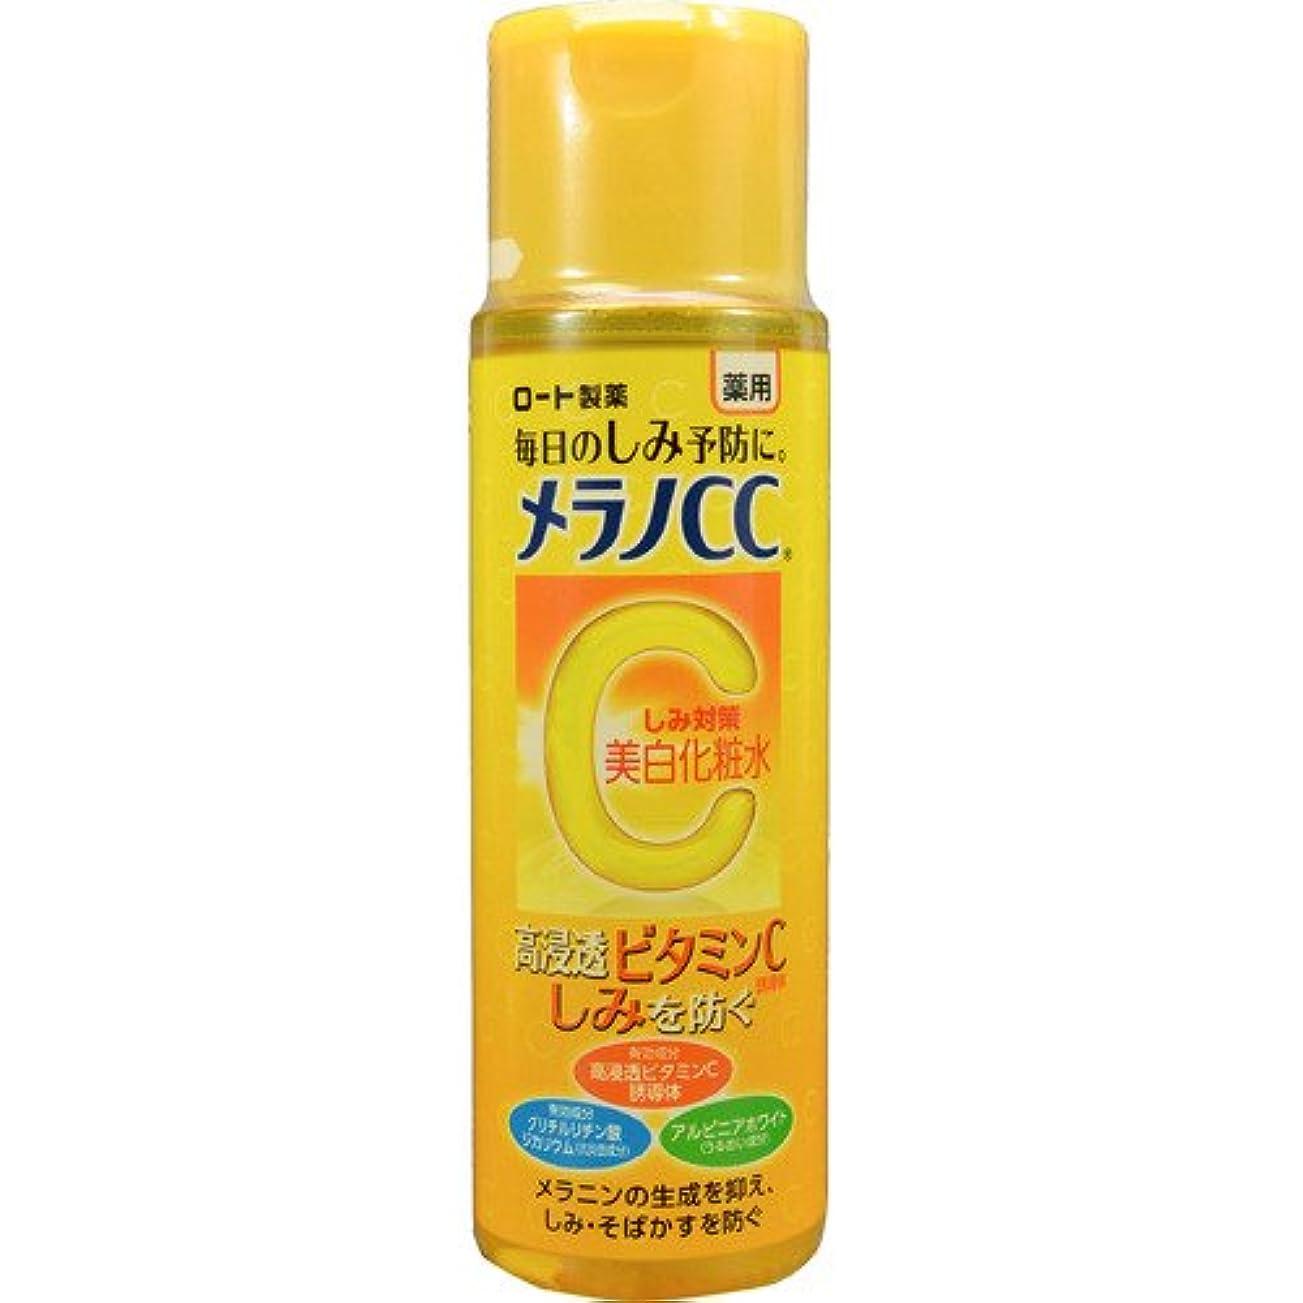 思いつく毒液戦術メラノCC 薬用しみ対策美白化粧水 × 3個セット